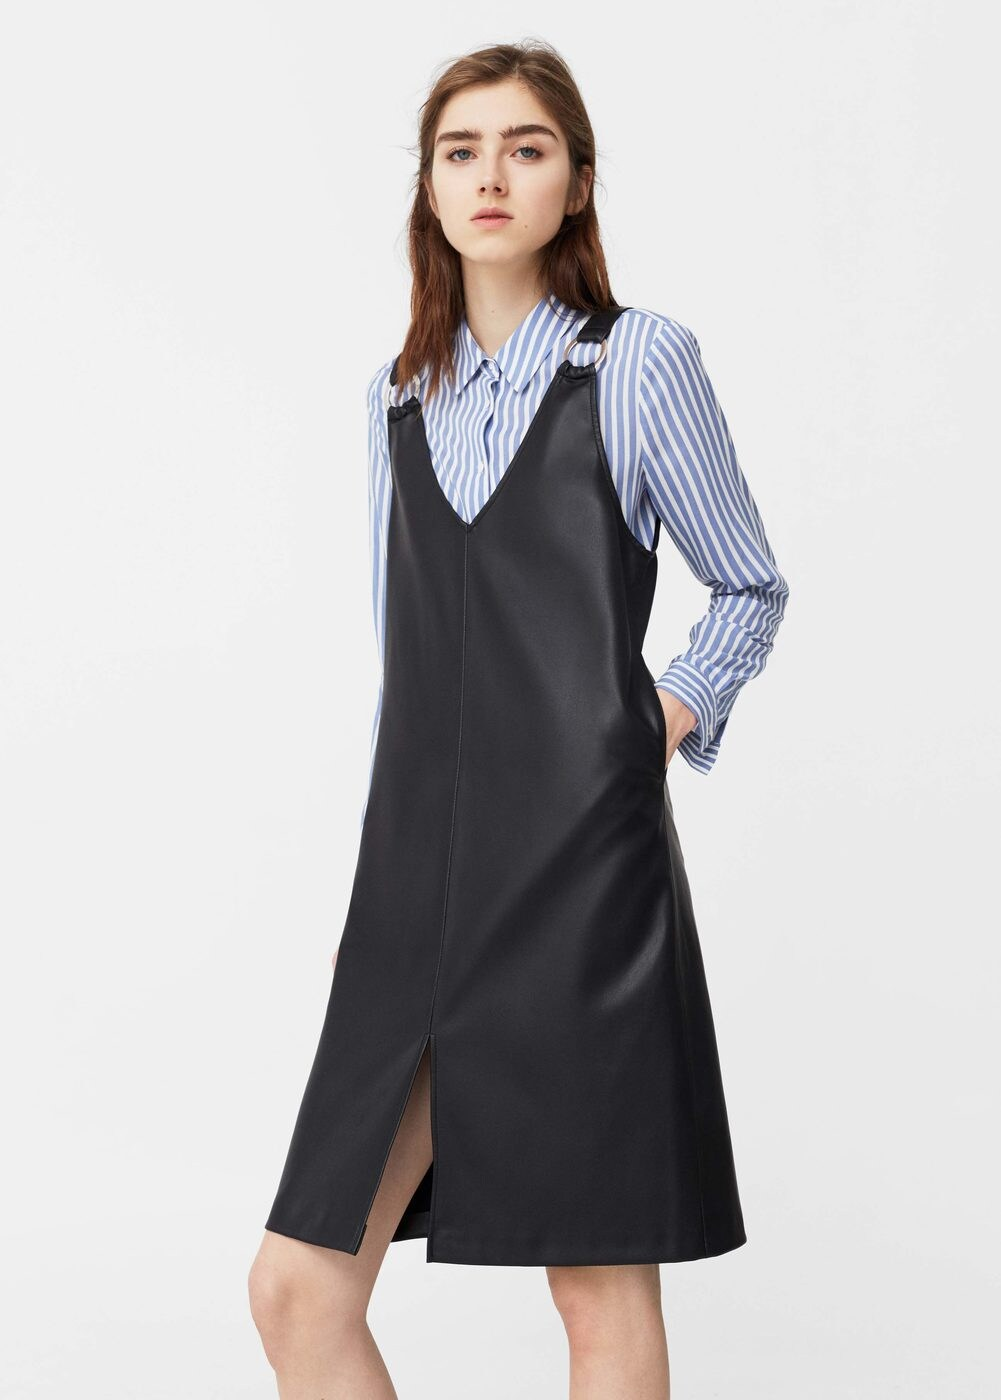 người mẫu mango mặc áo sơ mi kẻ sọc với yếm váy da đen